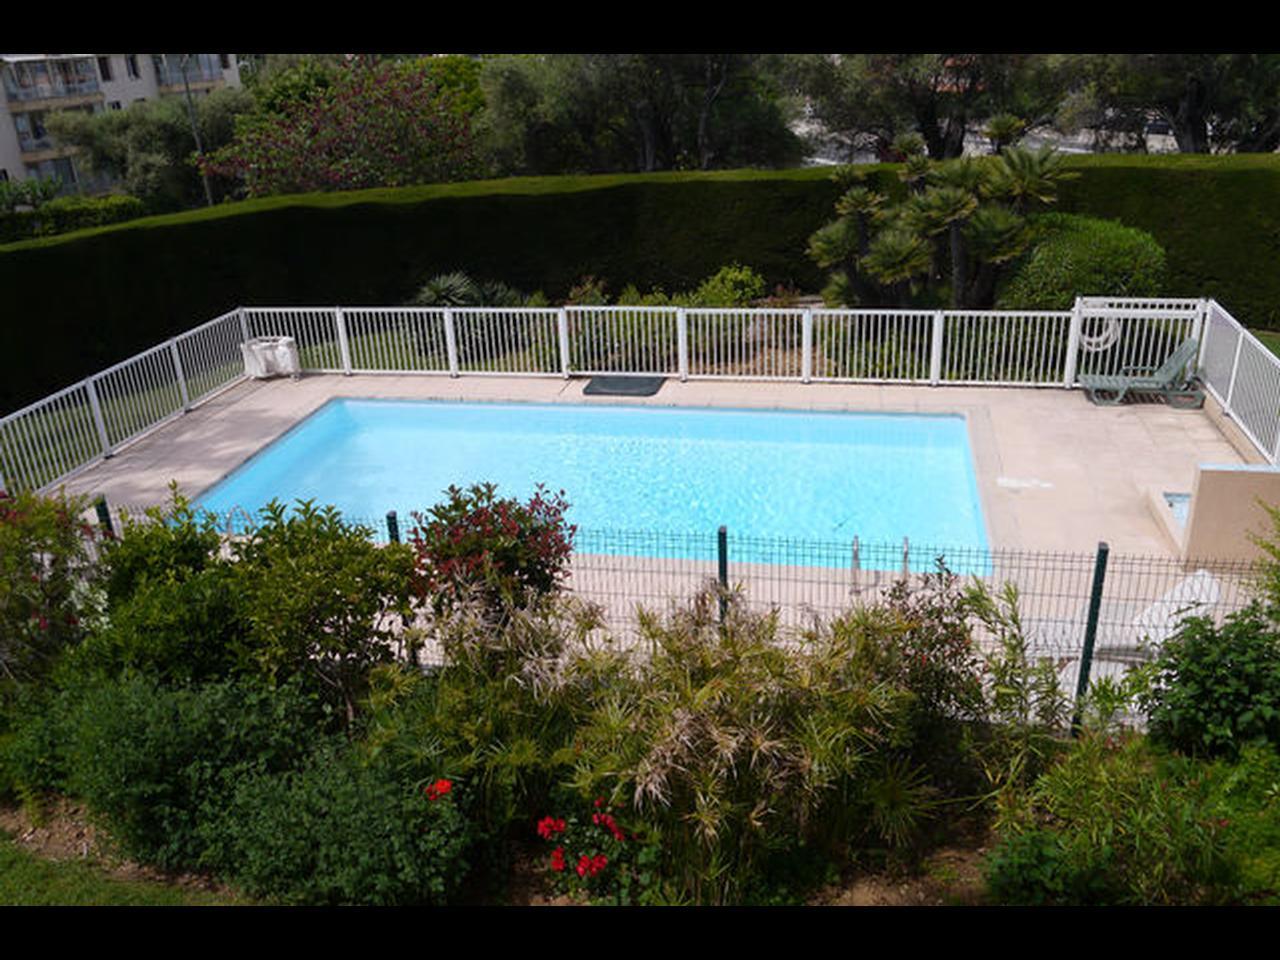 immobilier nice vue mer appartement antibes badine bel appartement vue mer a vendre avec piscine. Black Bedroom Furniture Sets. Home Design Ideas